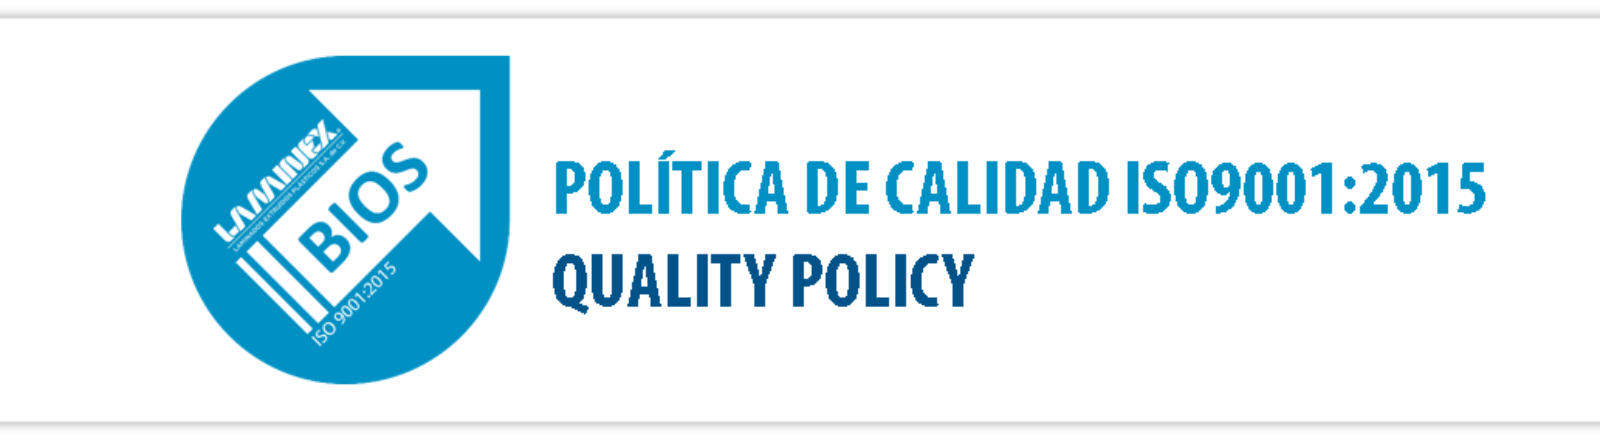 BIOS: Política de Calidad ISO9001:2015